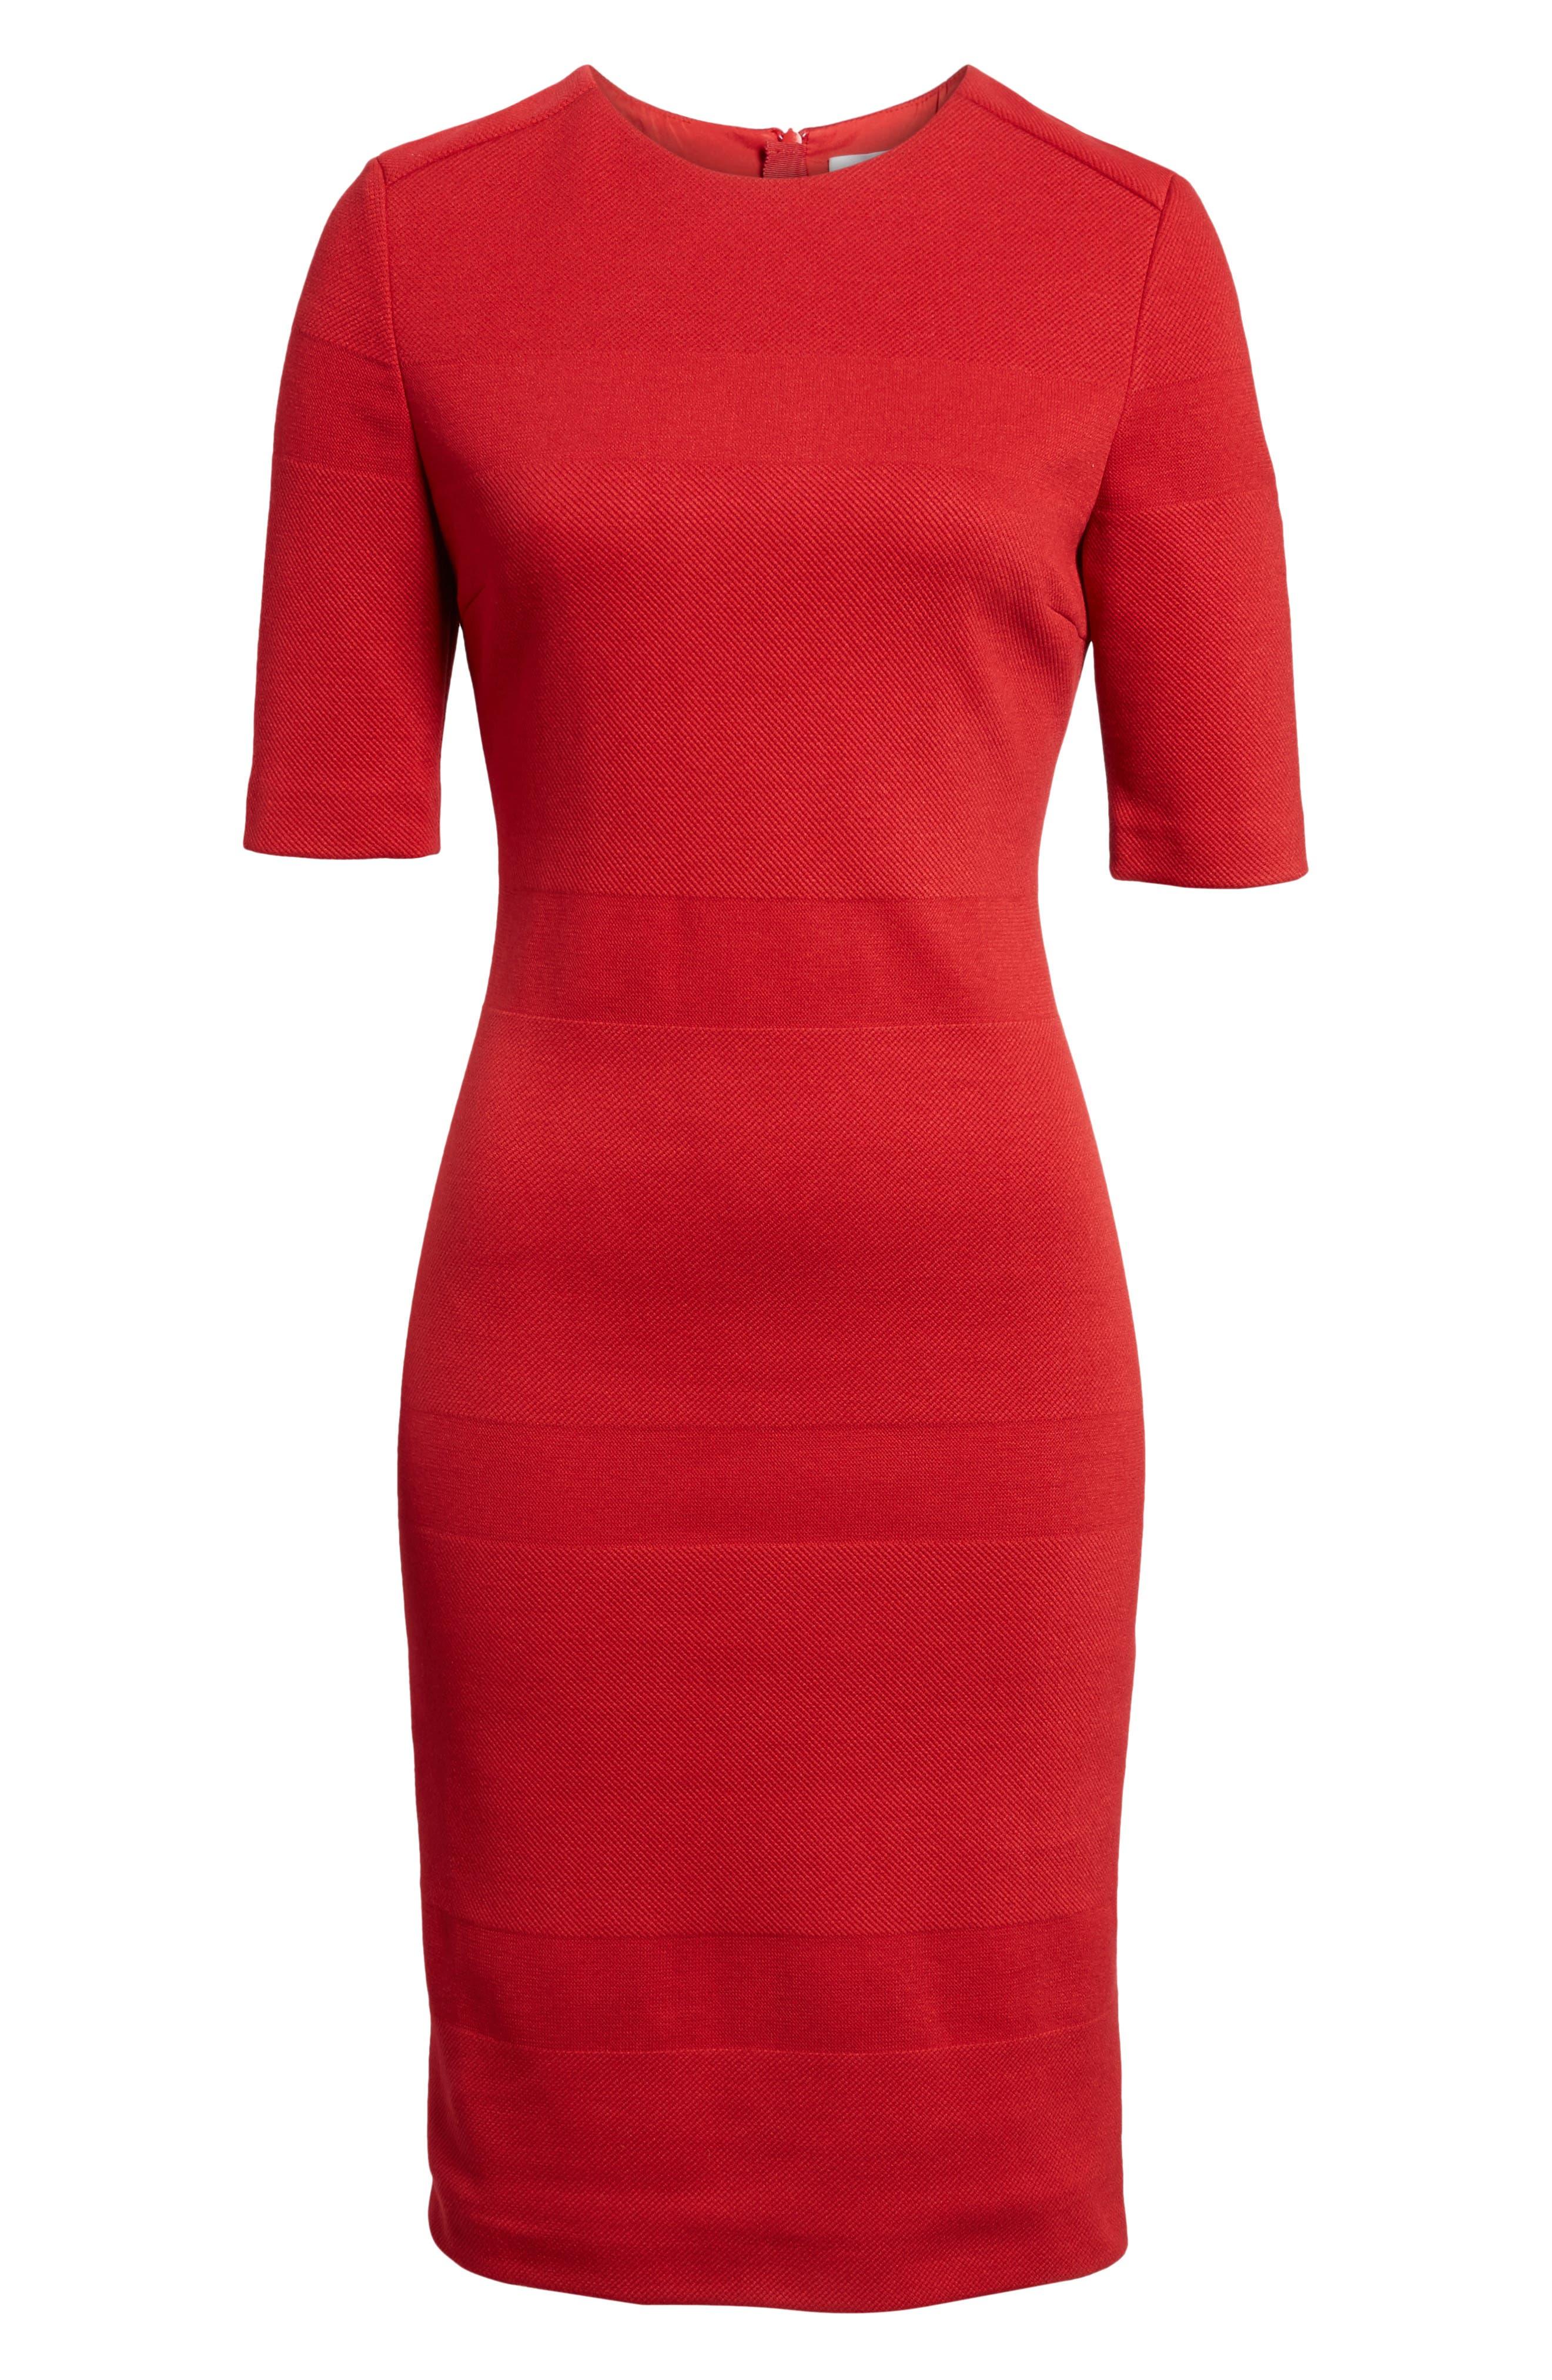 Hibela Tonal Stripe Dress,                             Alternate thumbnail 6, color,                             603